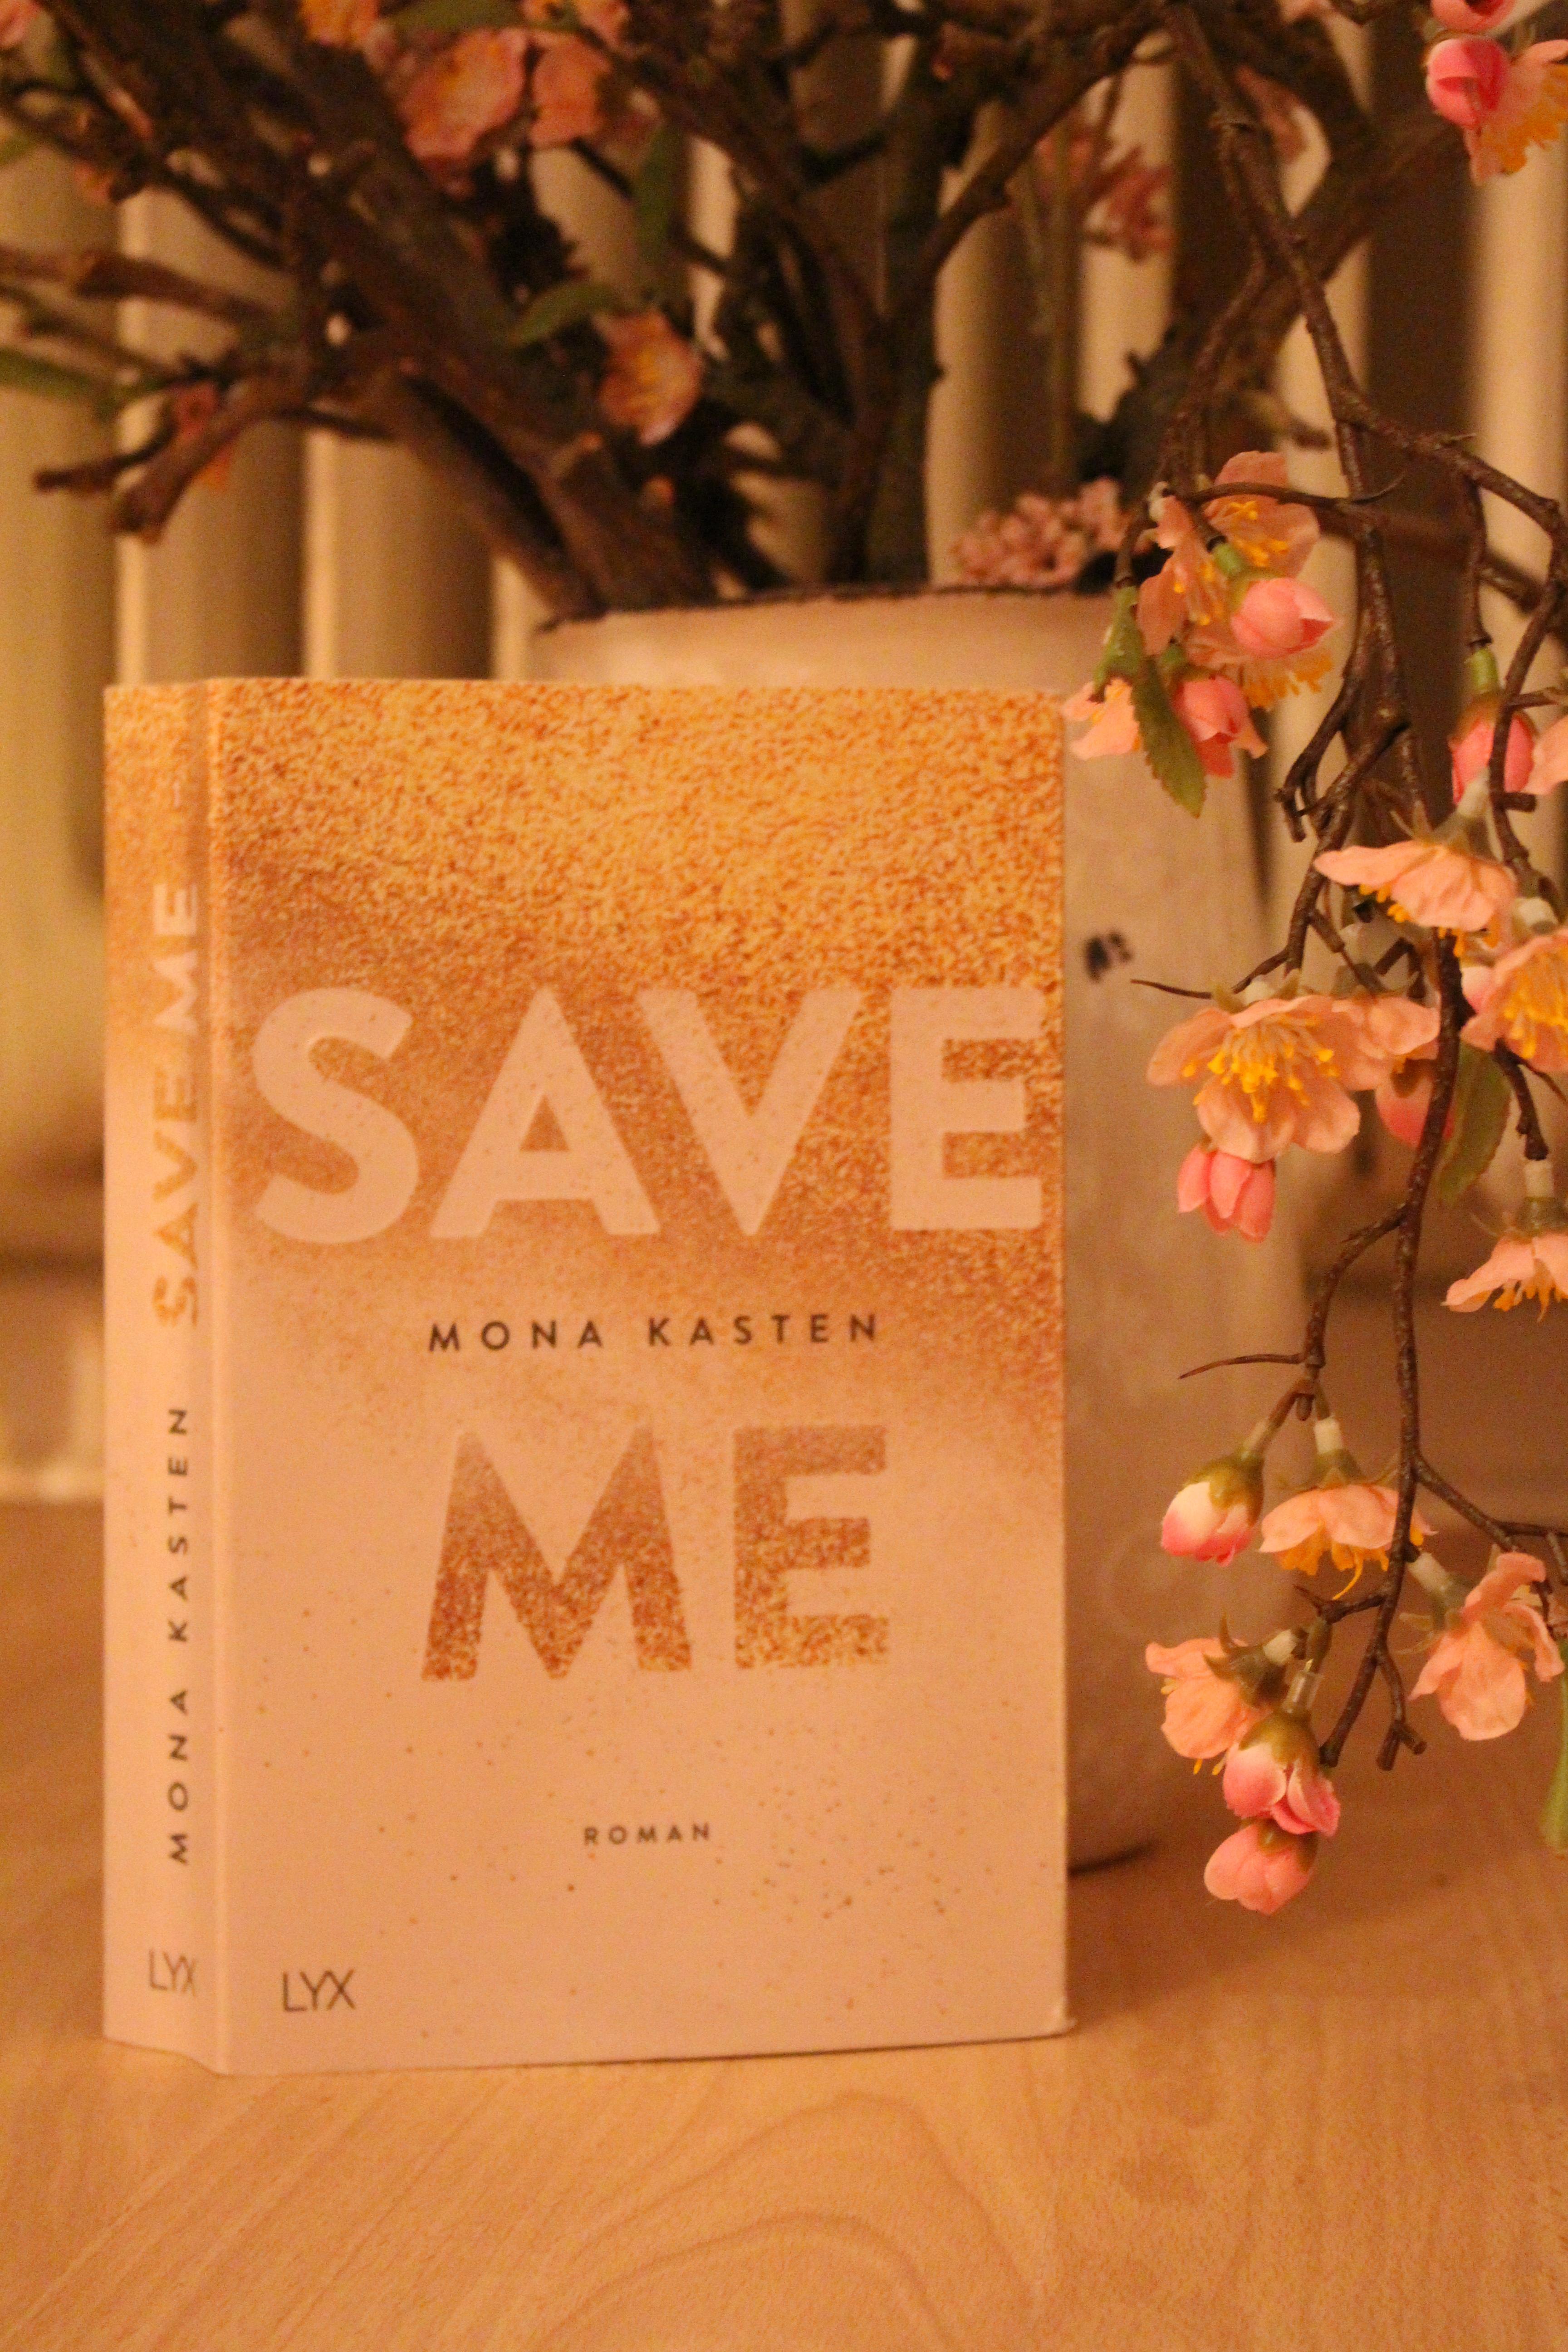 Save Me Mona Kasten Buch